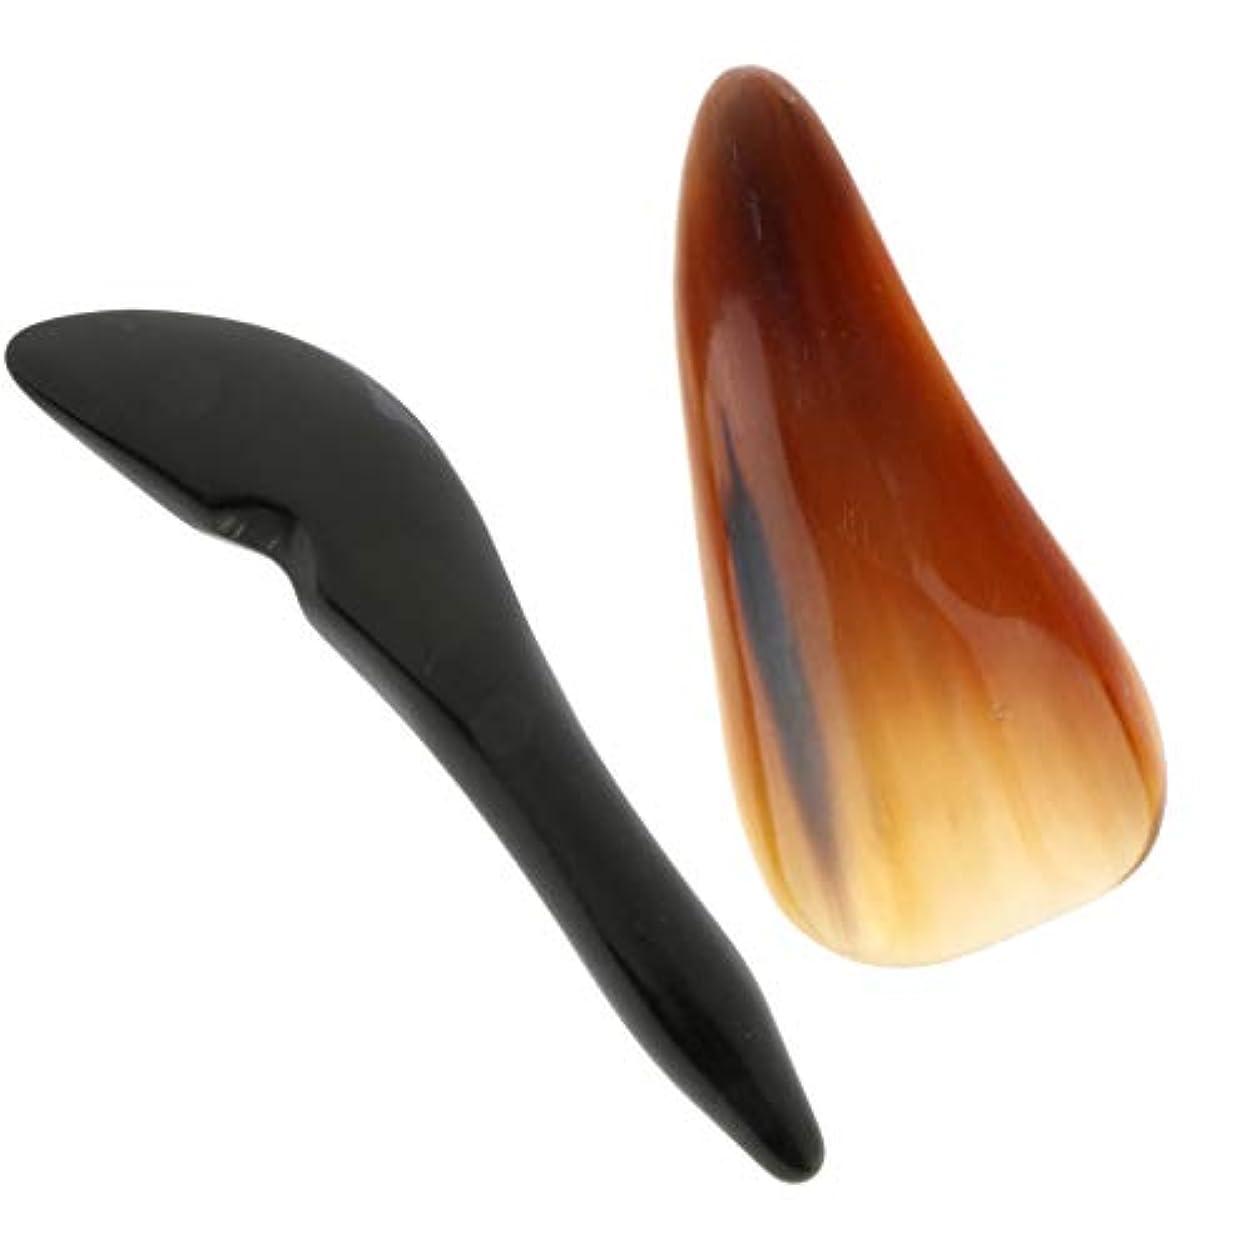 ジャンル抗生物質平衡D DOLITY マッサージツール グアシャ スクレーパー ボード スクレーピング 使いやすい 2個入